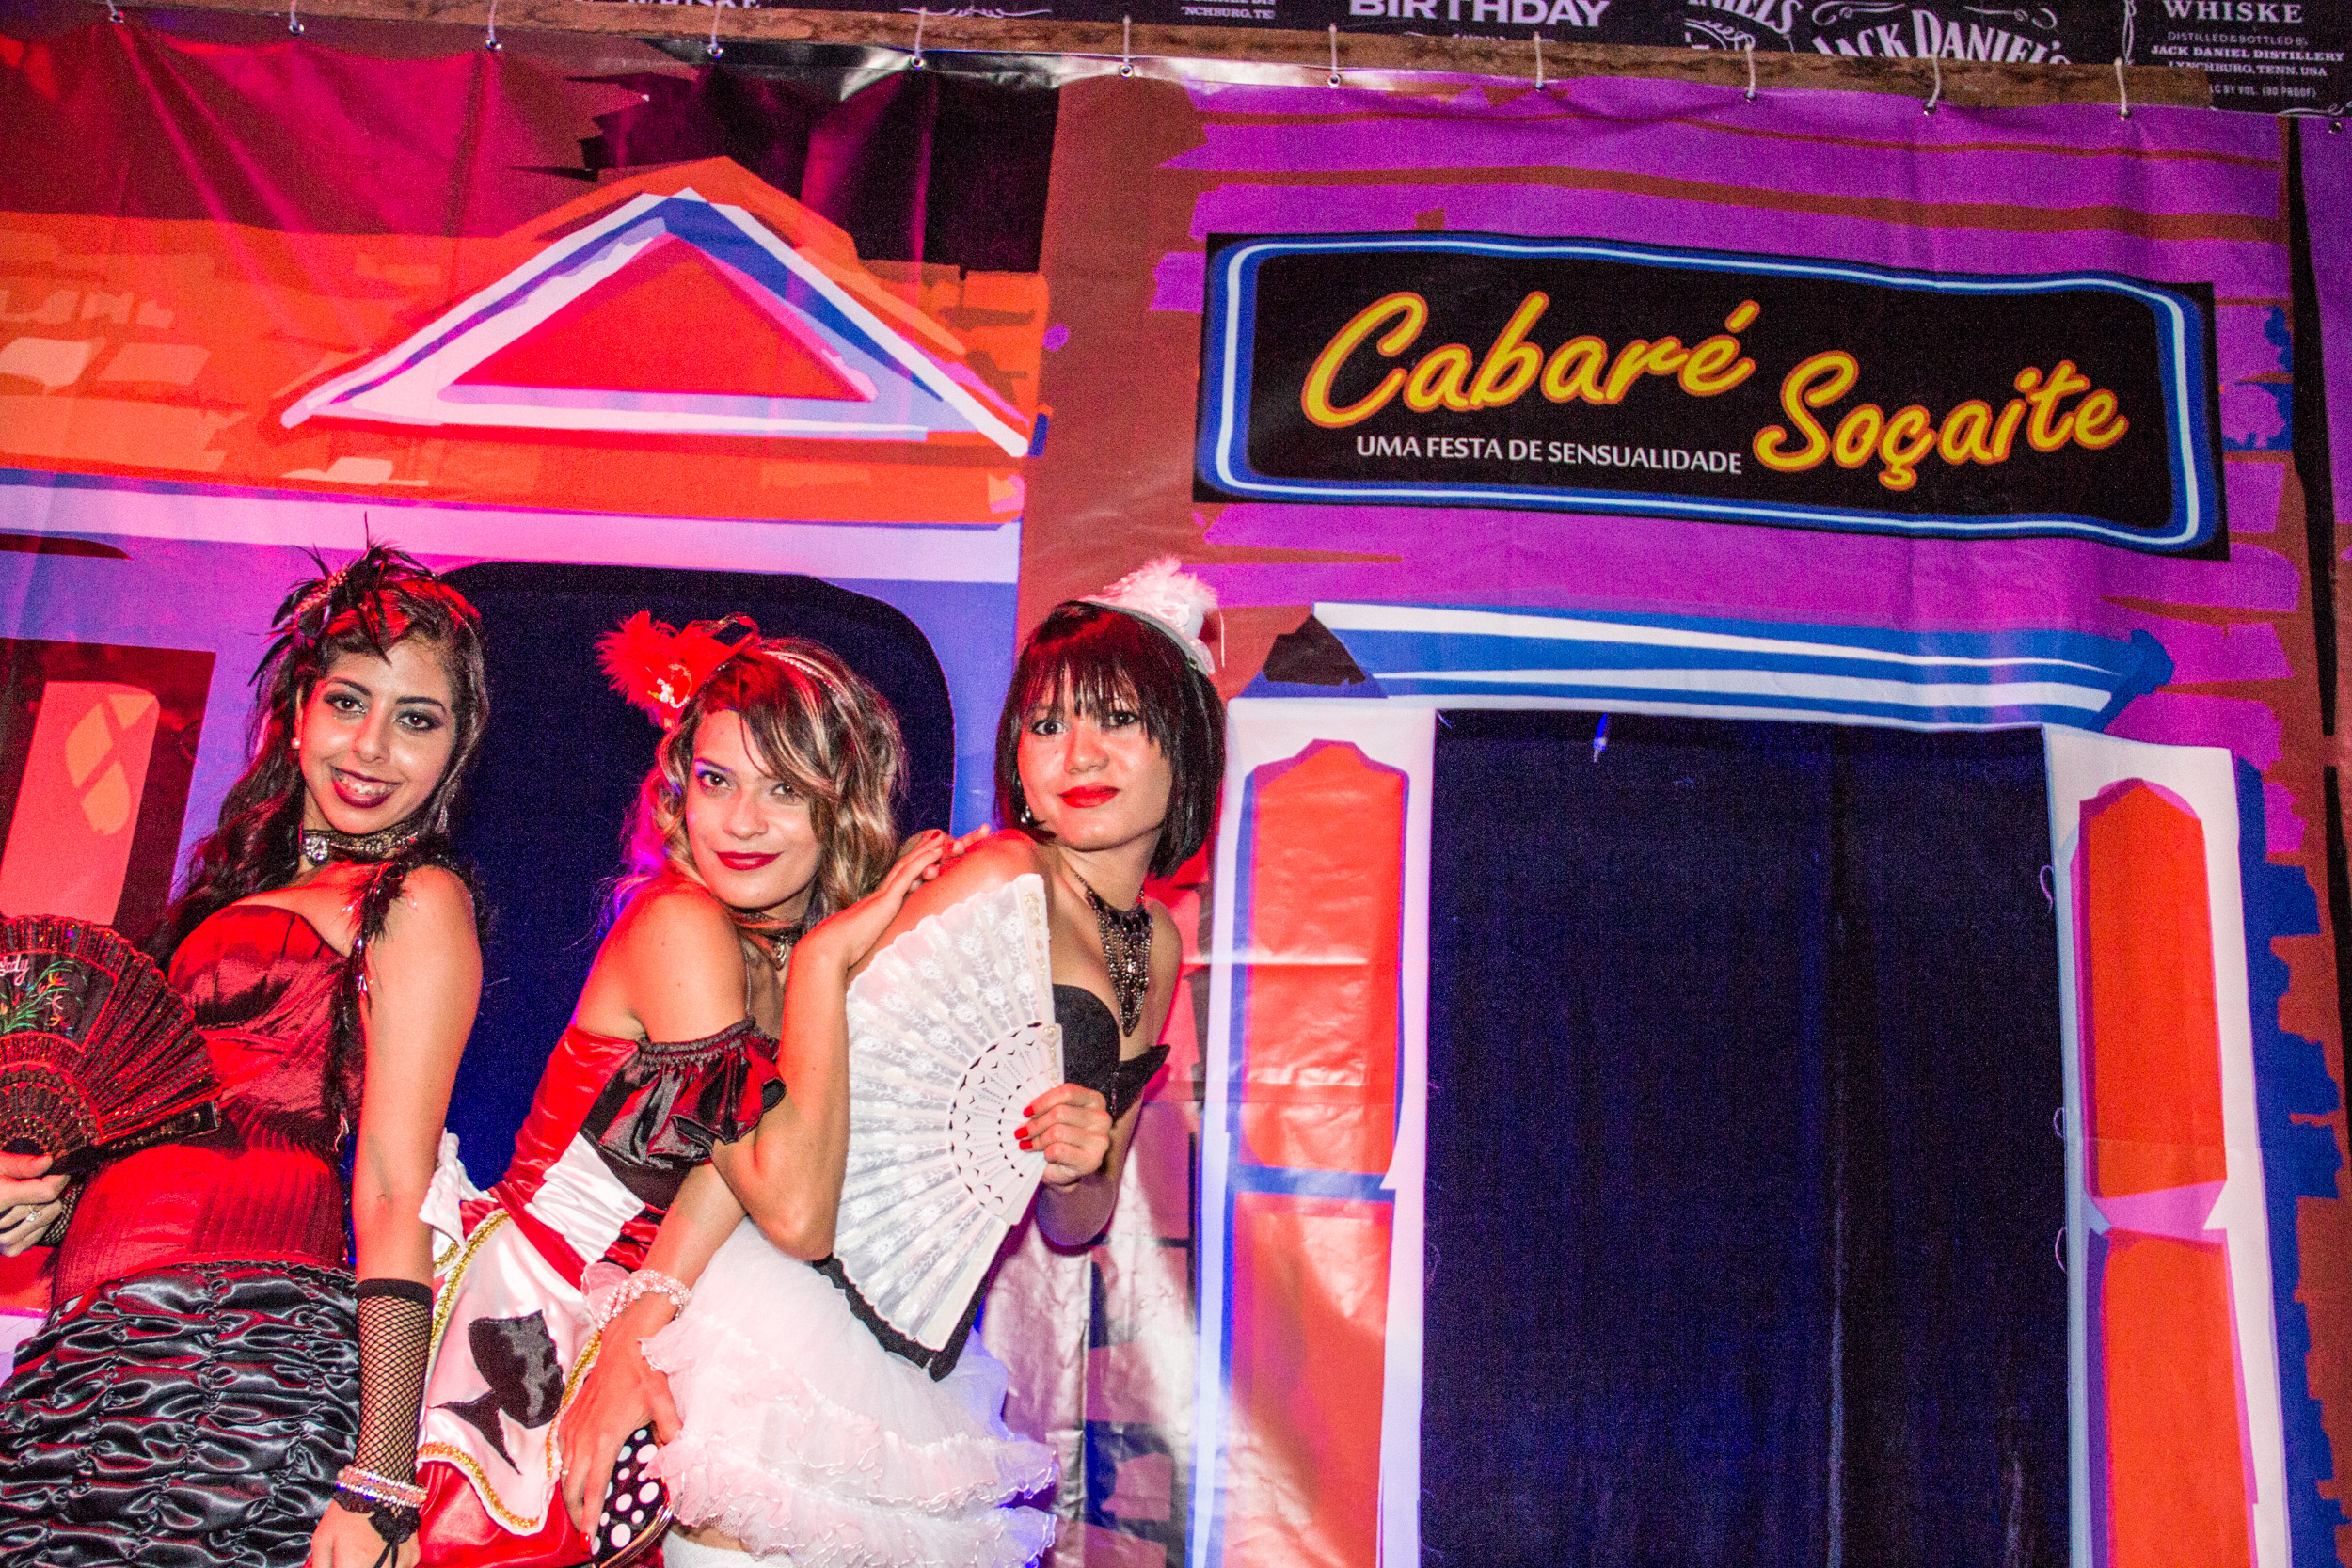 CabareSocaite201310-115